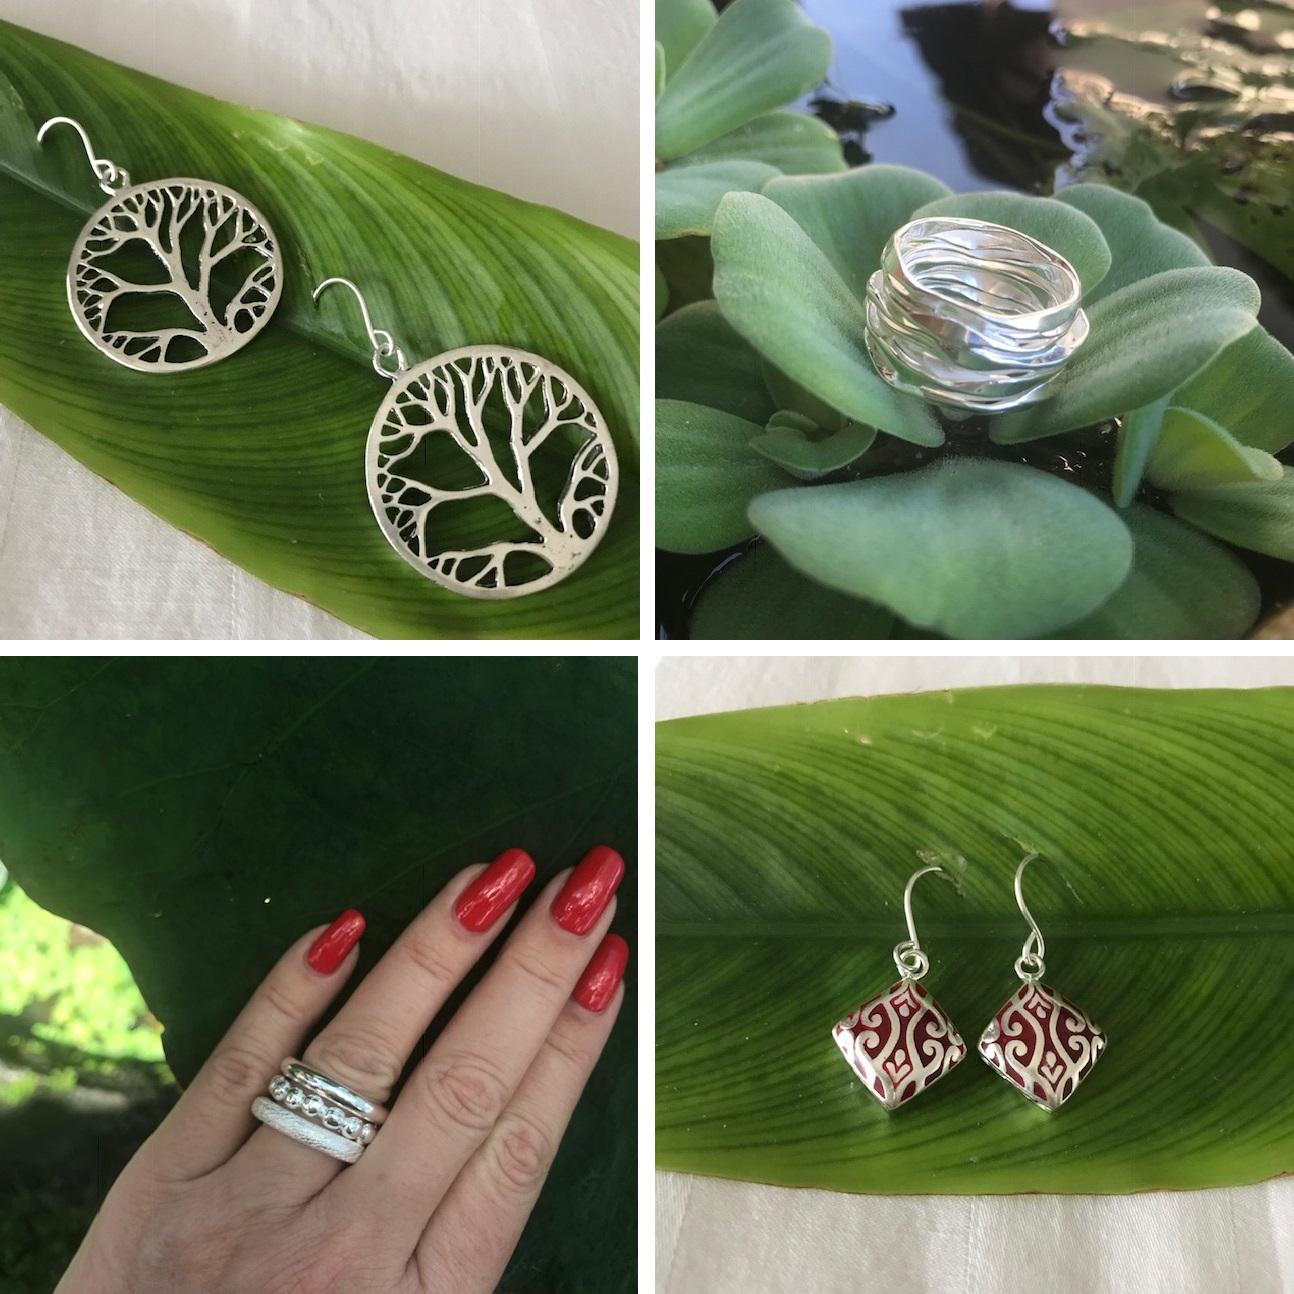 Voorproefje nieuwe sieraden uit Bali